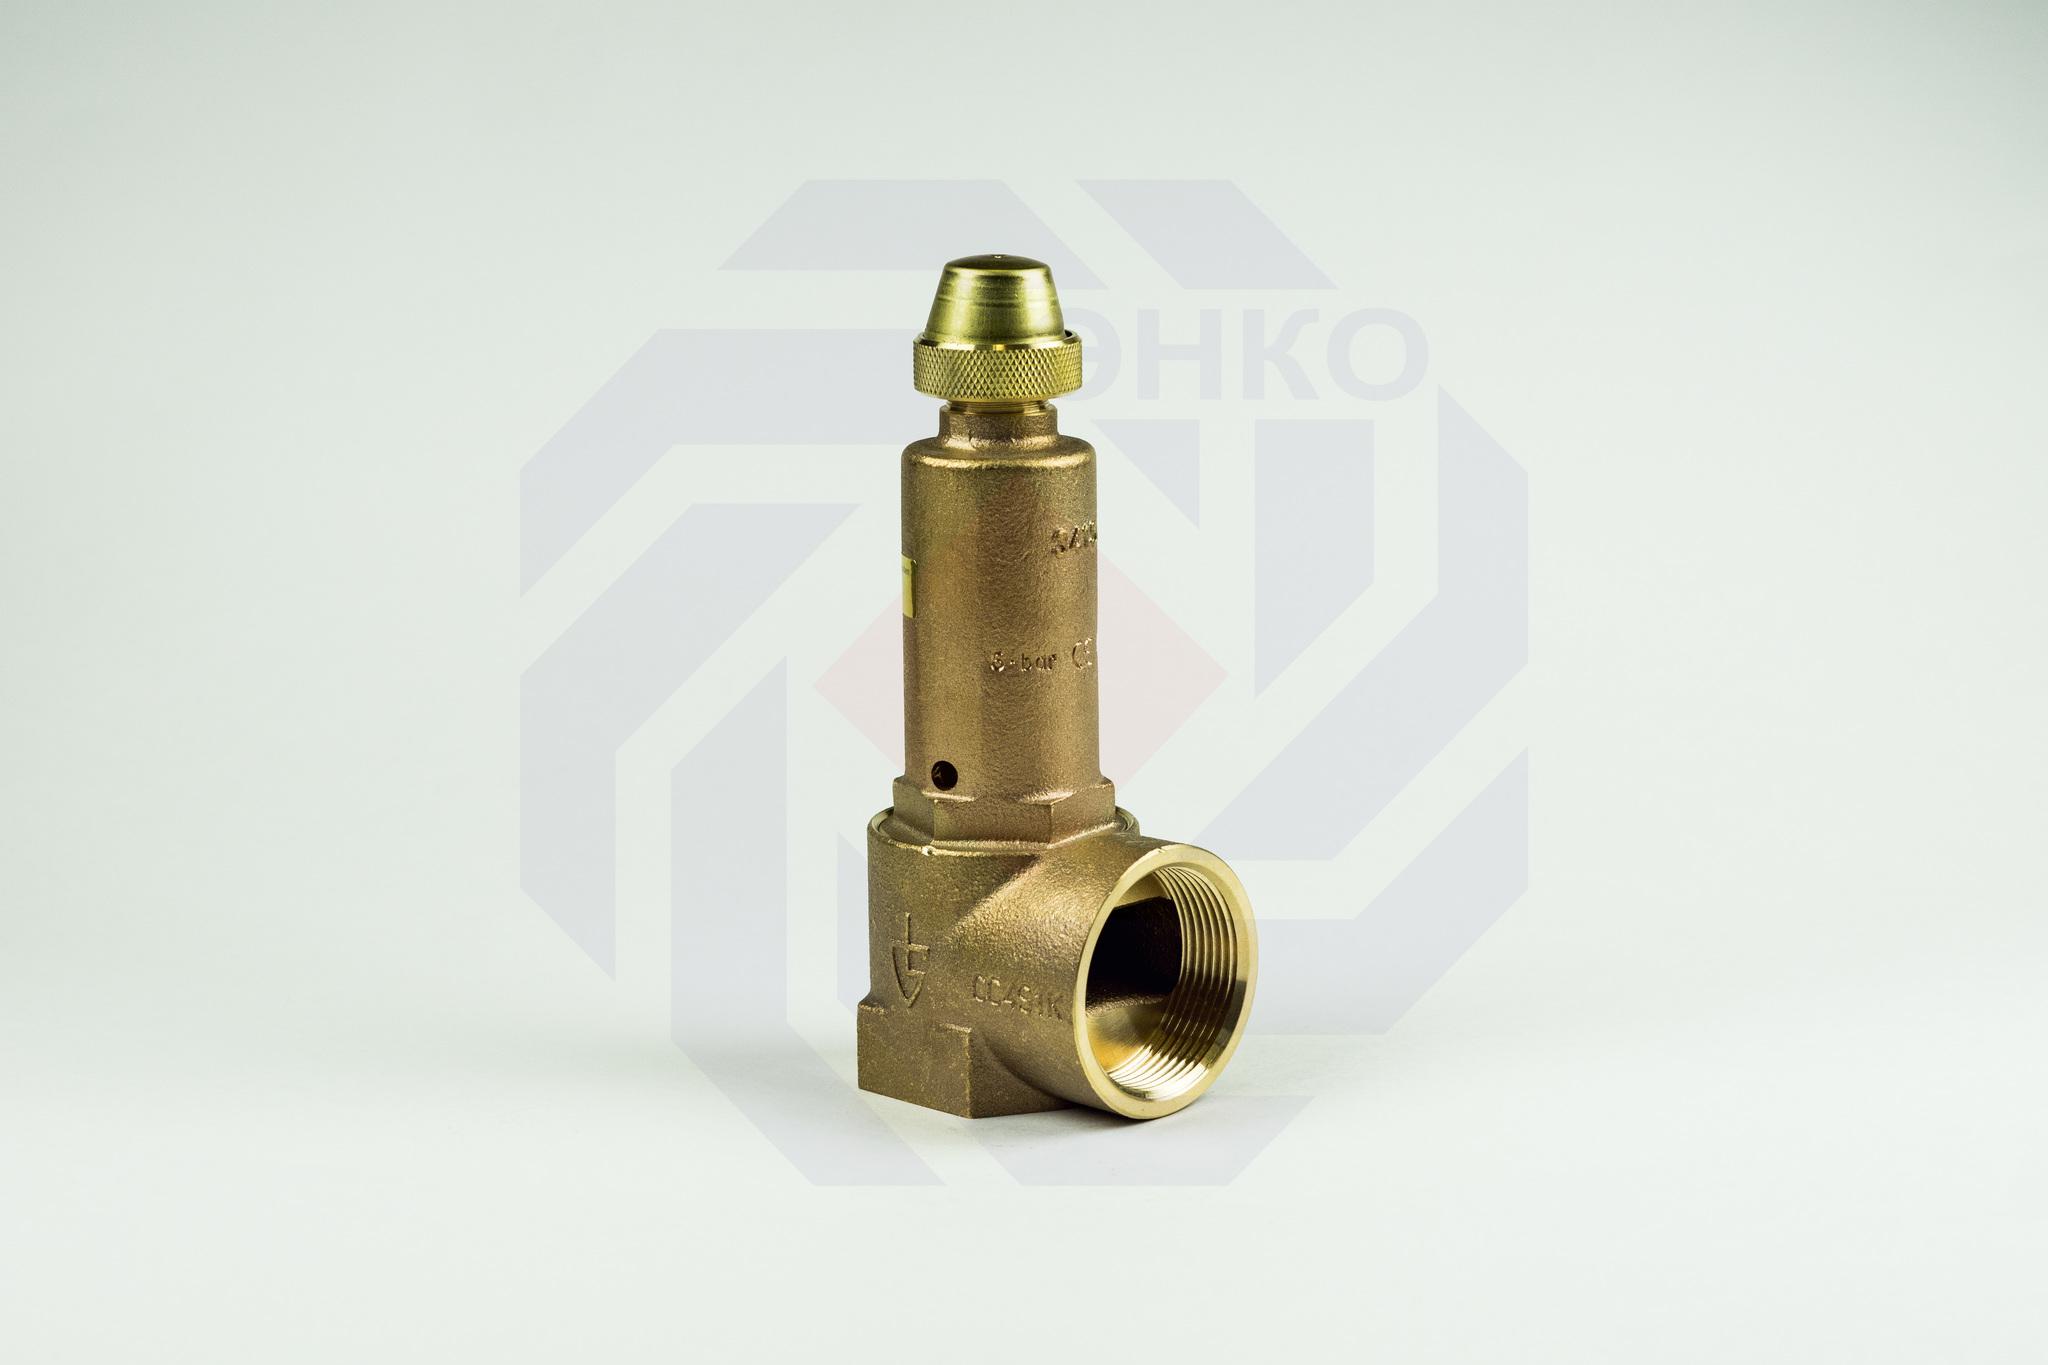 Клапан предохранительный GOETZE 651mWIK 6 бар 1½